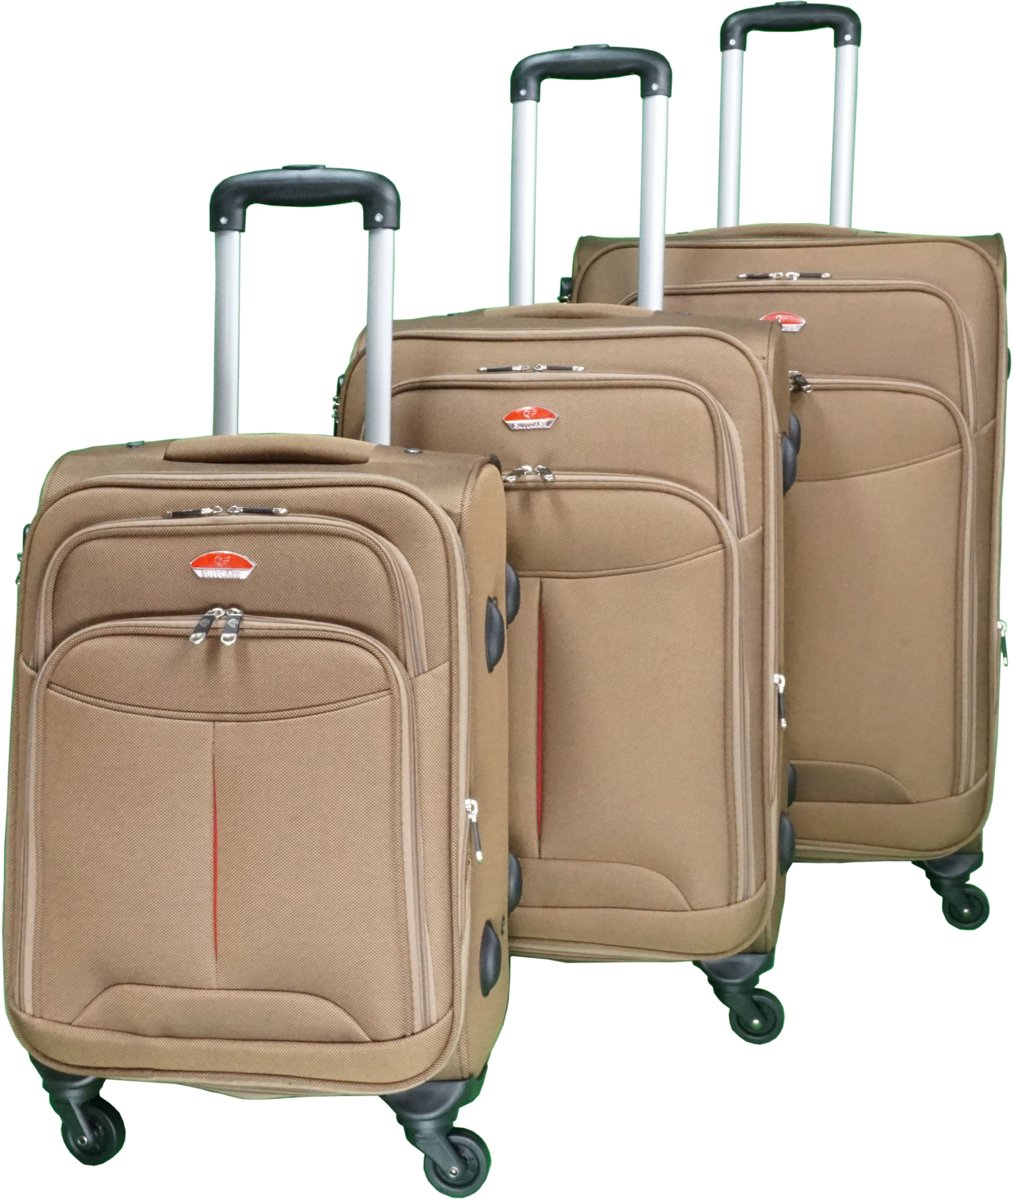 3 delig bagage stoffen koffer set 4 wielen trolley - Bruin kopen